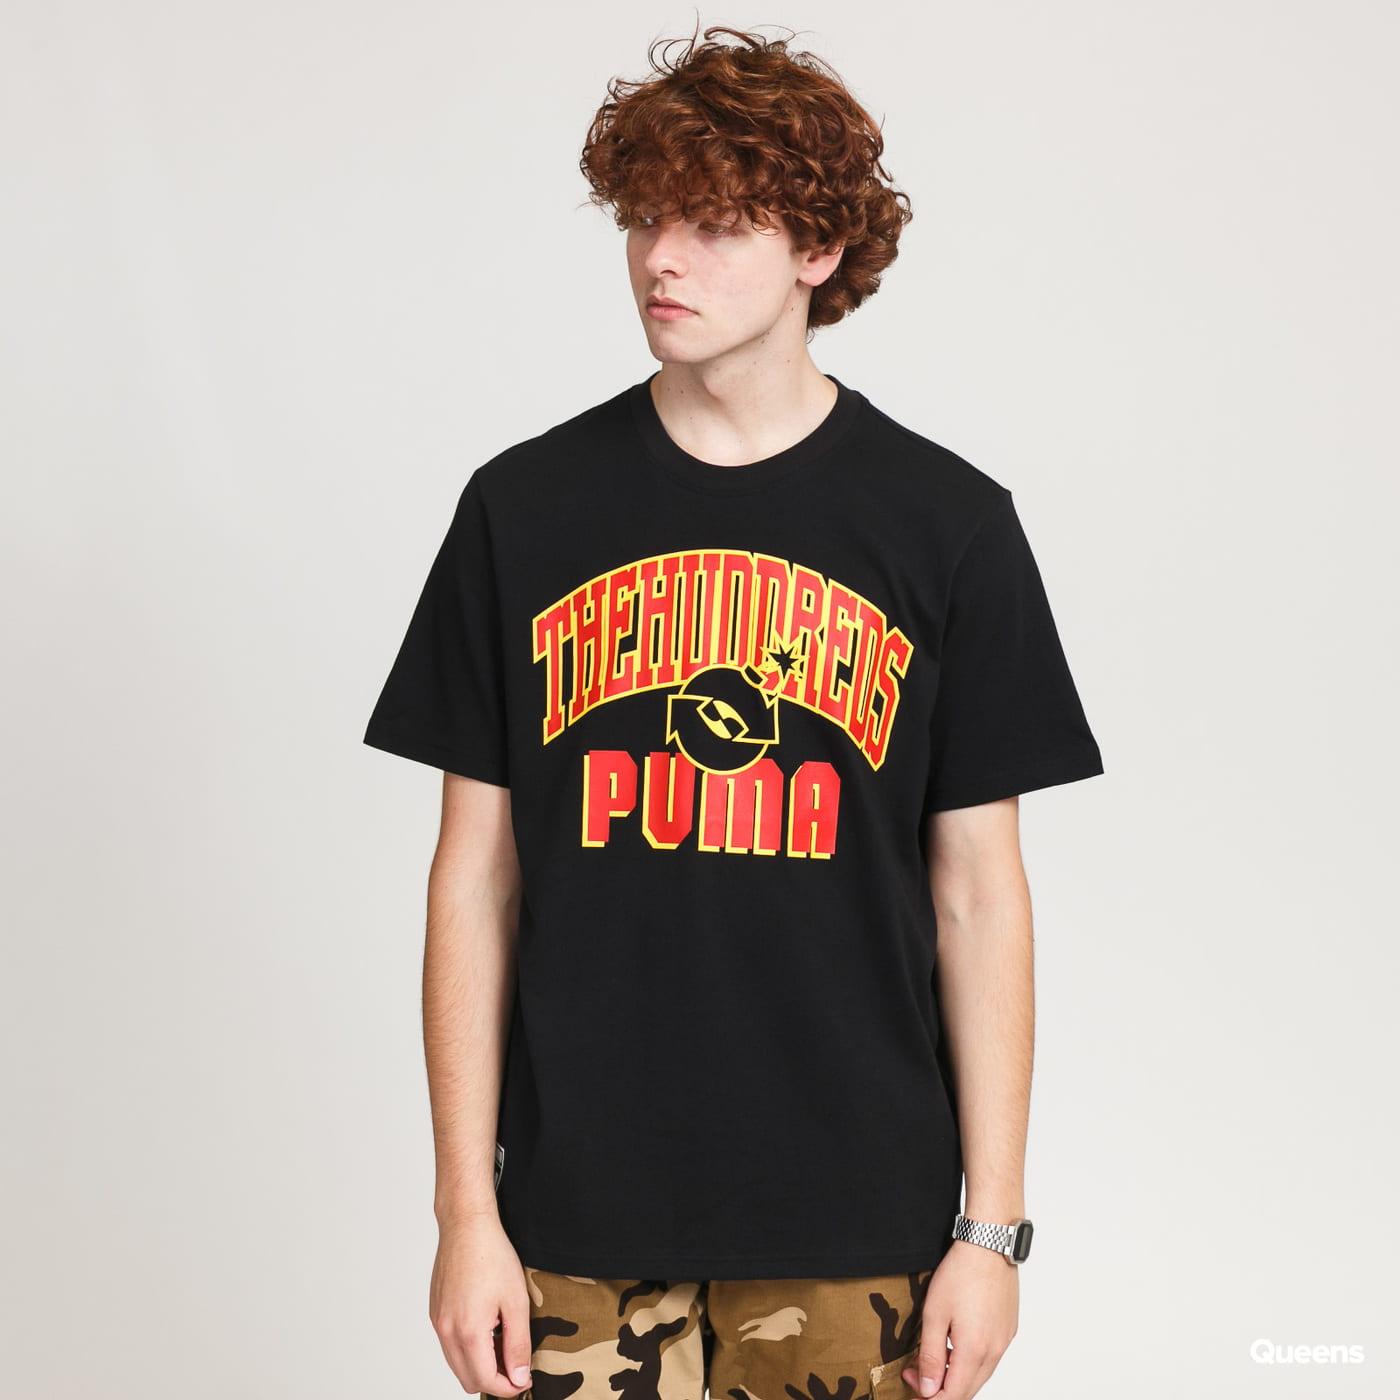 Puma X The Hundreds Tee black